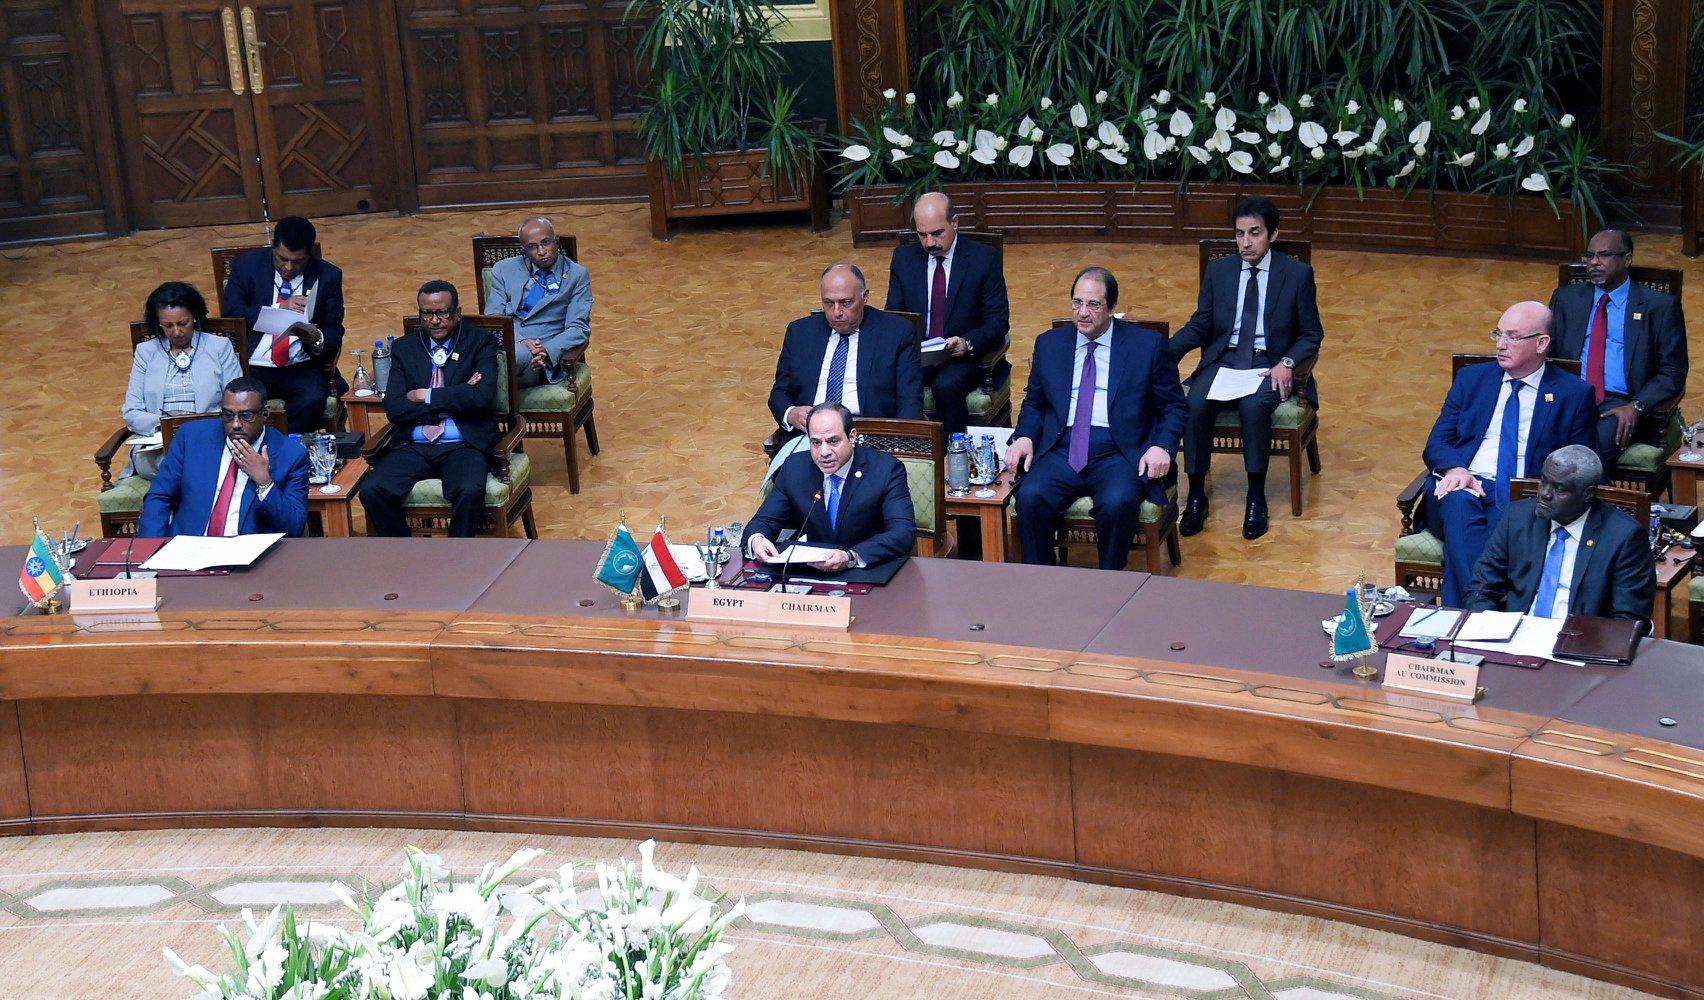 مصر تتحرك من منطلق رئاستها للاتّحاد الأفريقي واعتبار السودان دولة جوار مباشر (صفحة متحدث الرئاسة المصرية على فيسبوك)